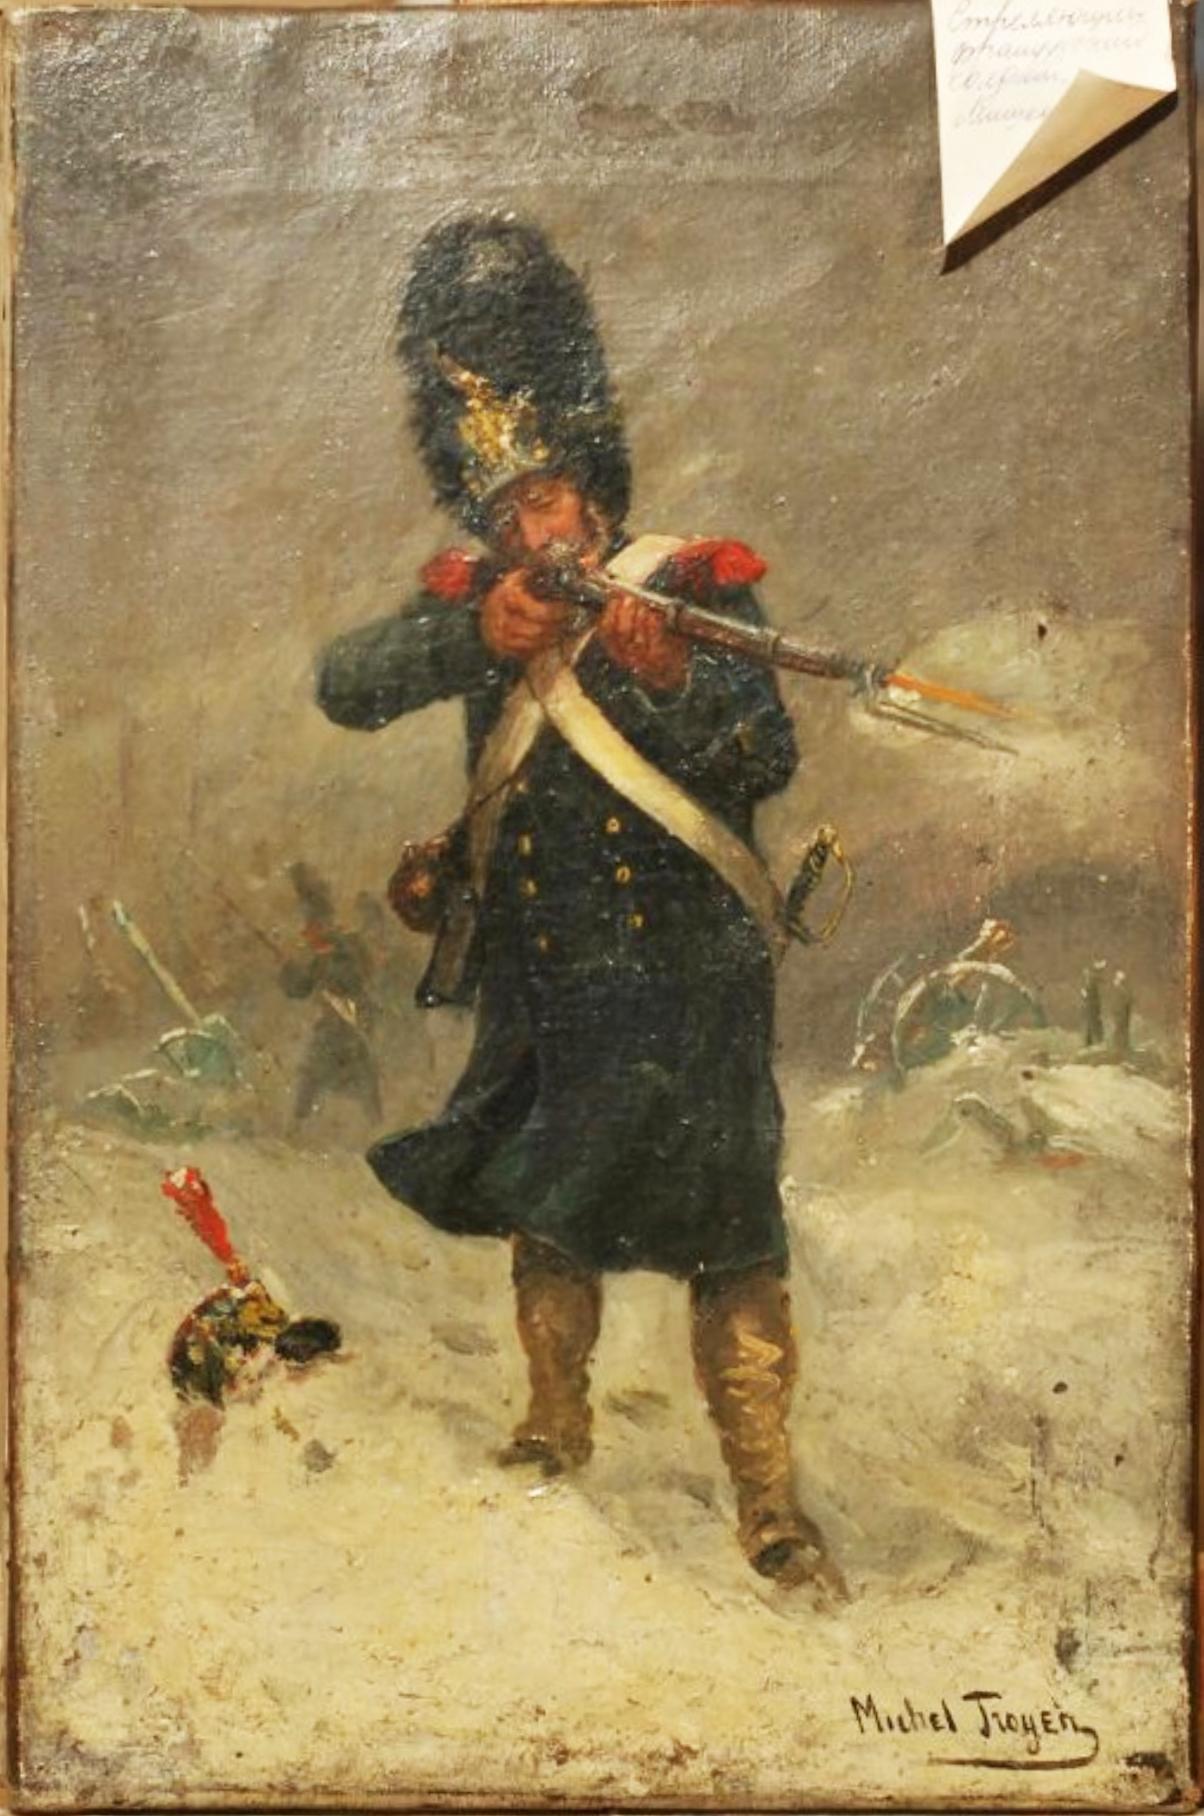 Мишель Тройон Французский гренадер Франция, Начало XX в. Холст, масло Дар барона де Бая. Публикуется впервые